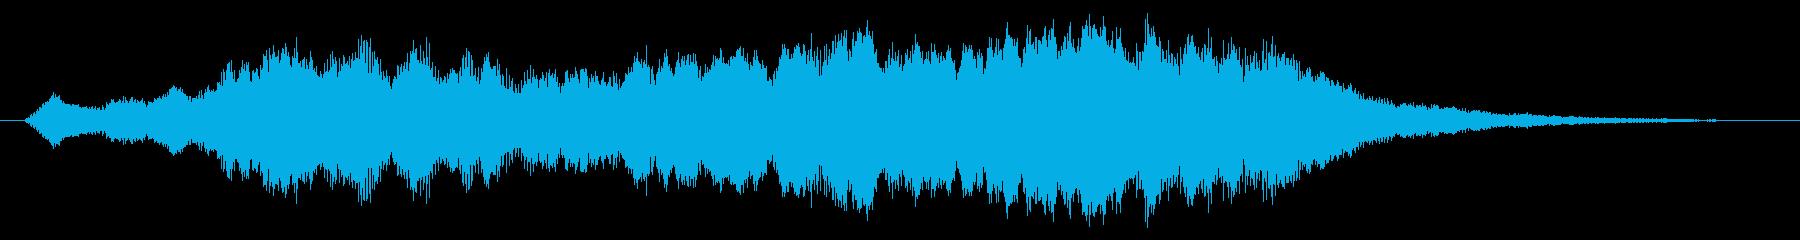 パソコンの起動音風パッドの再生済みの波形